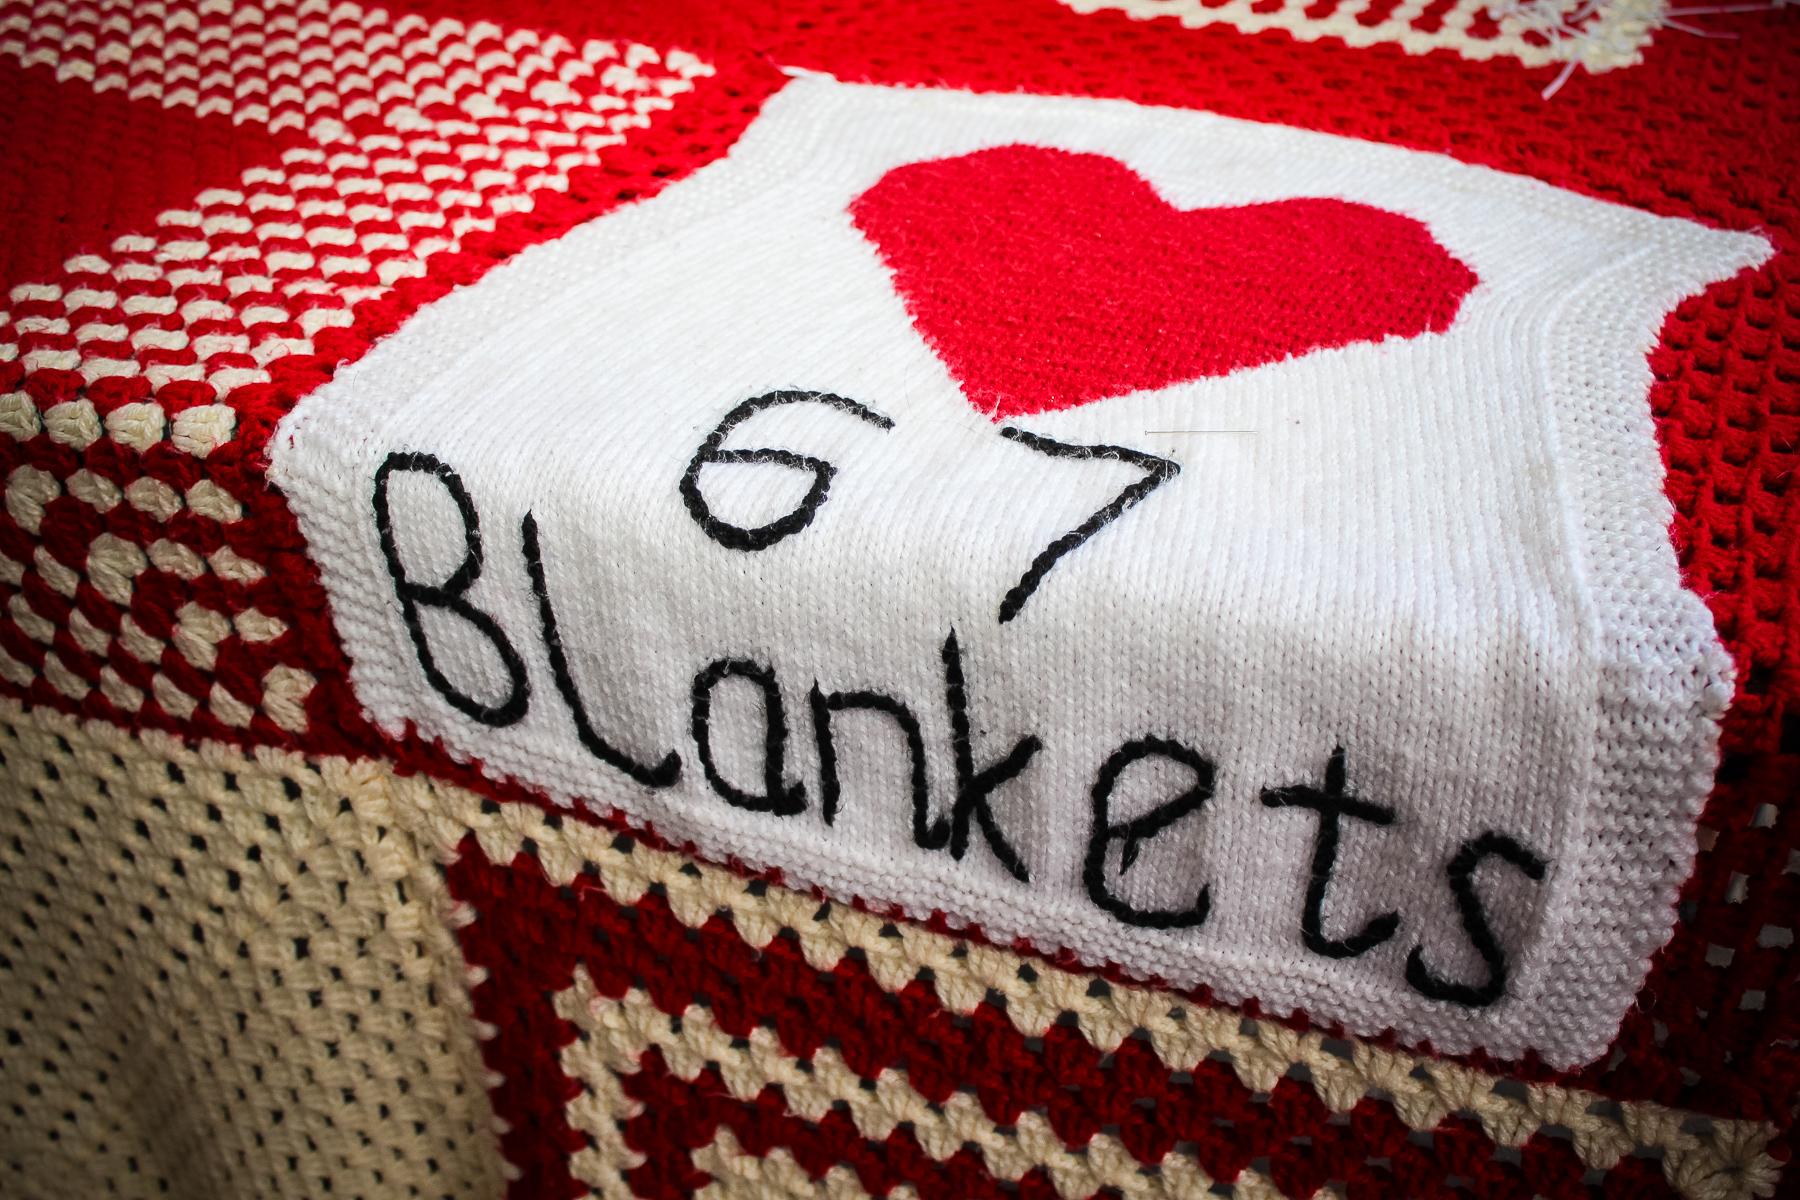 blankets nelson mandela